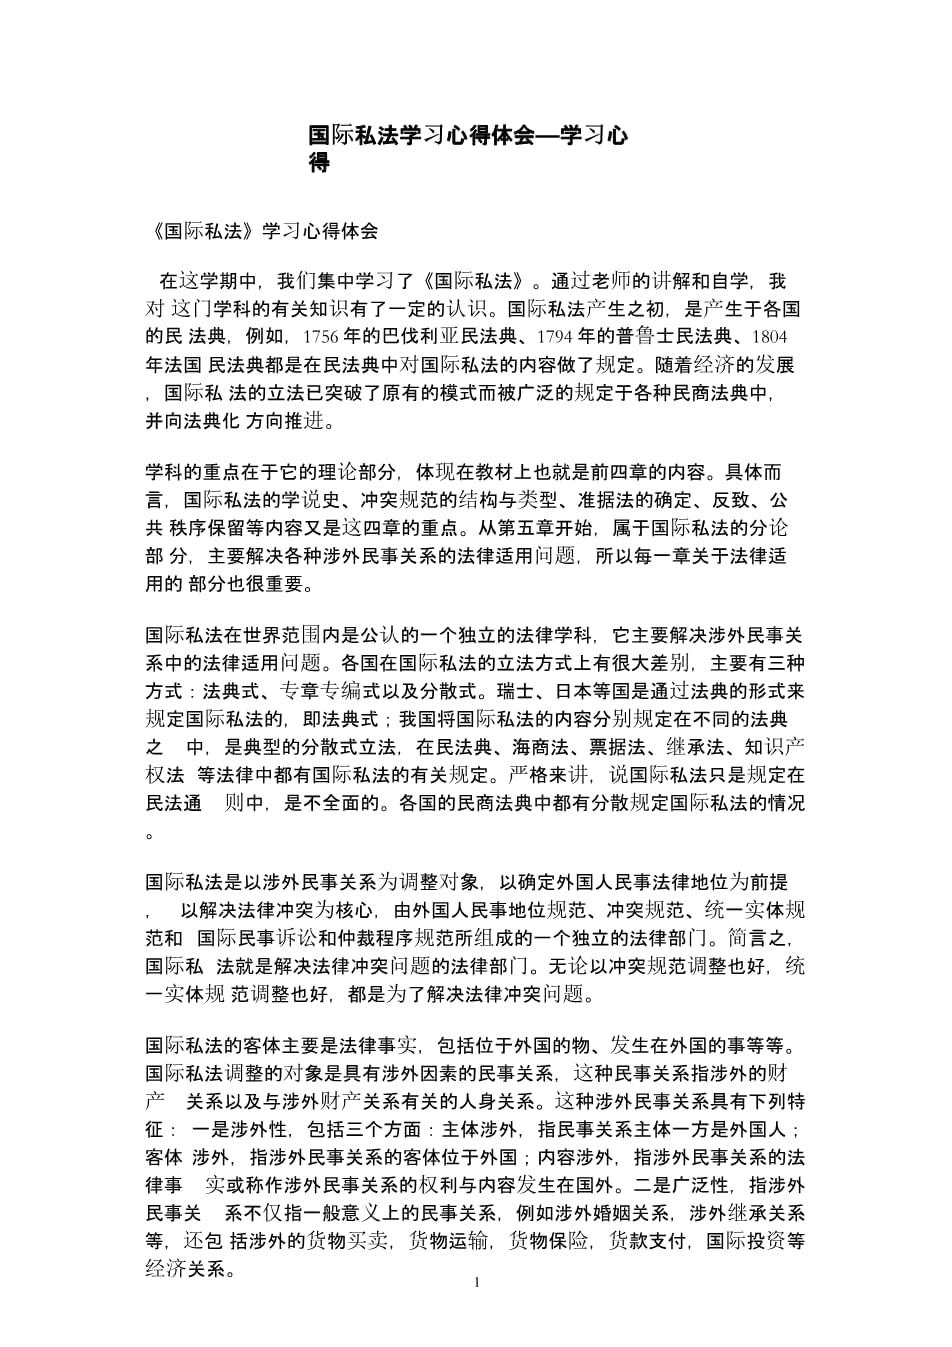 国际私法学习心得体会—学习心得.pptx